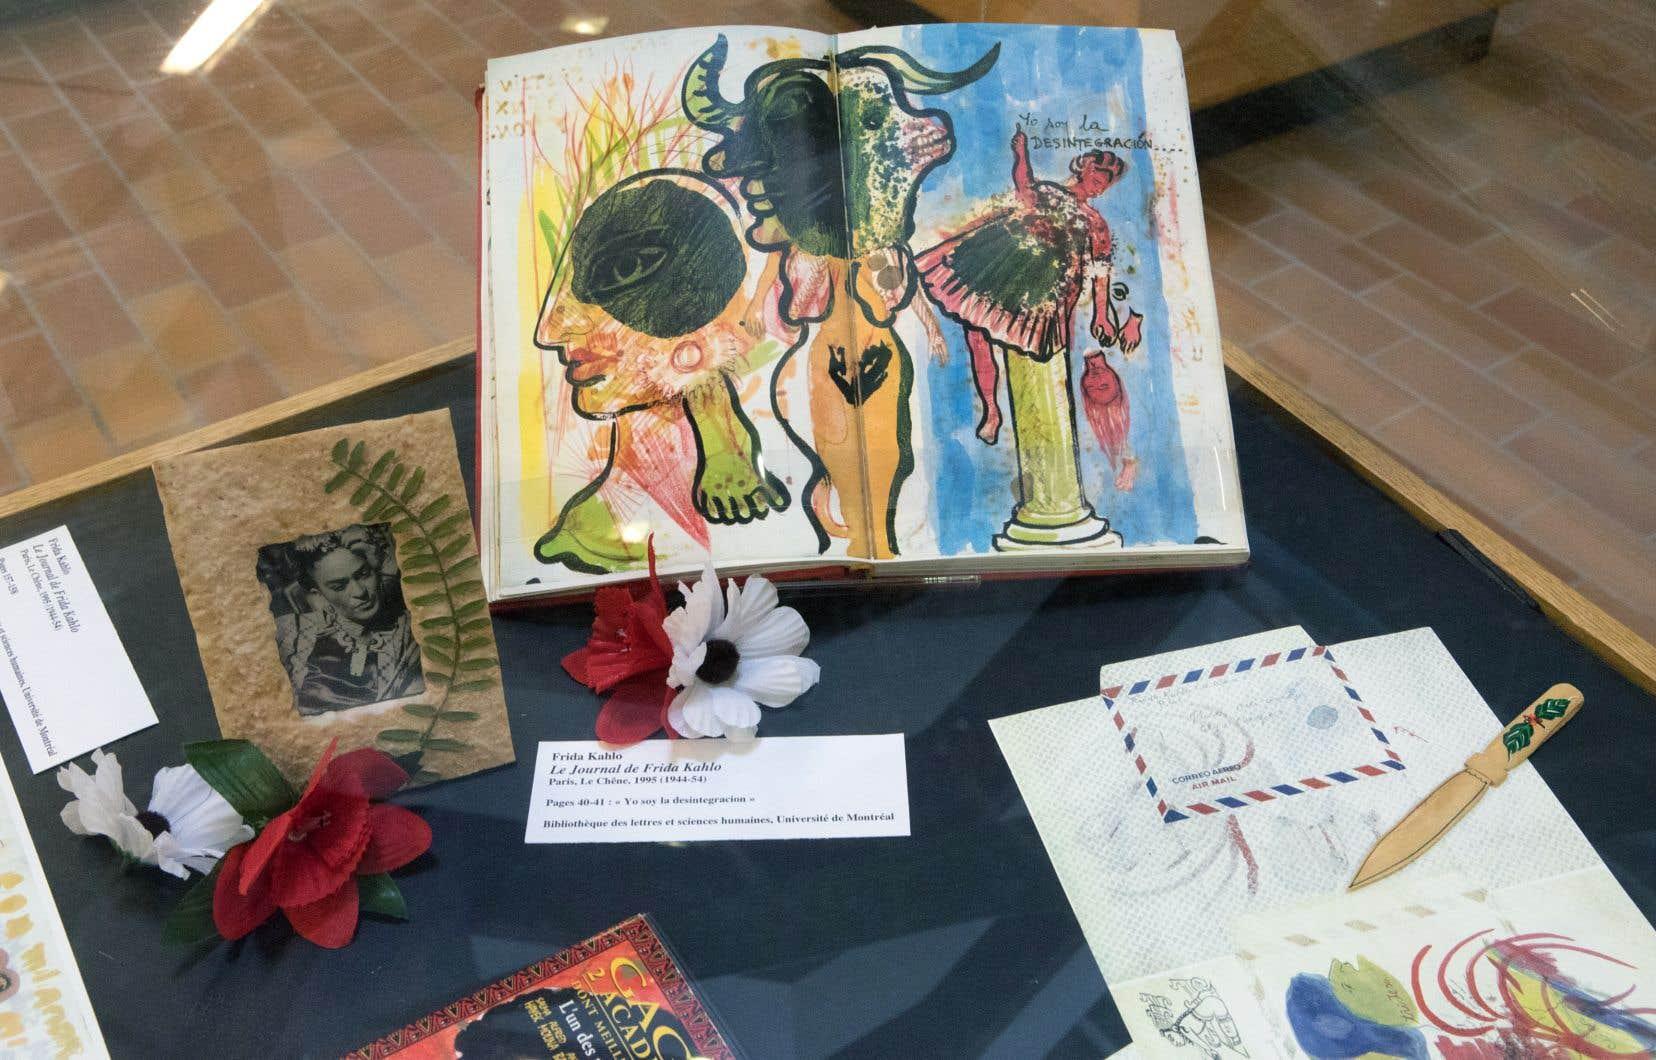 Le «Journal de Frida Kahlo» (au centre) comporte à la fois du texte et des illustrations de la main de la célèbre artiste mexicaine.